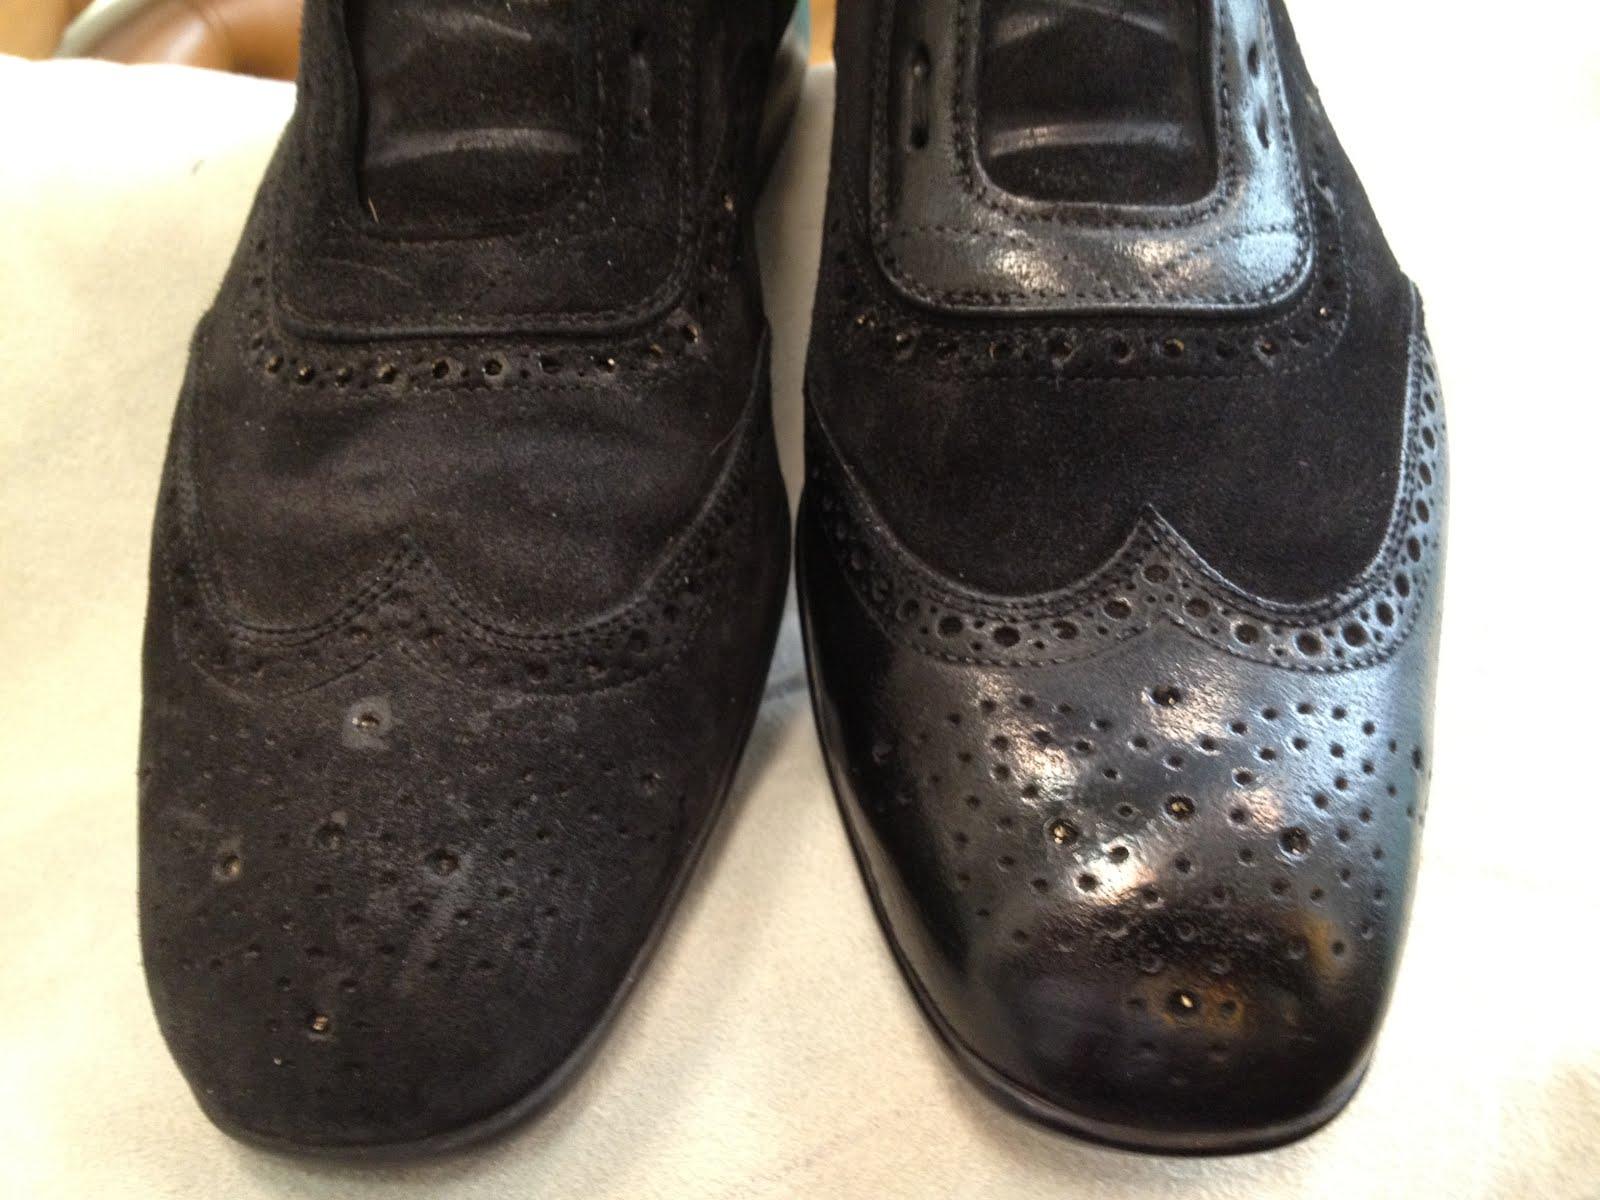 acheter et vendre authentique teinture pour chaussures en daim baskets